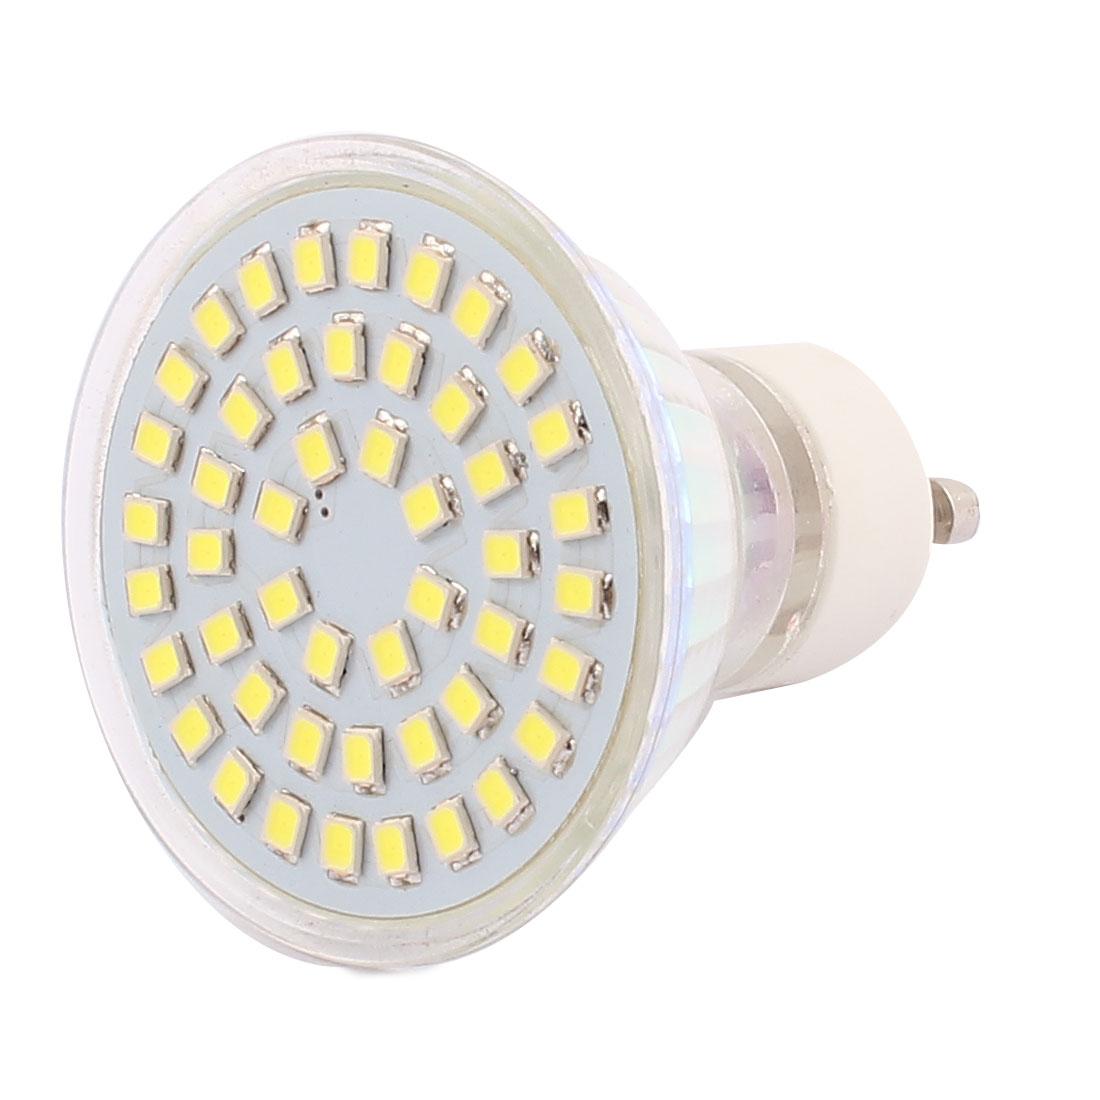 220V GU10 LED Light 4W 2835 SMD 48 LEDs Spotlight Down Lamp Bulb Lighting Pure White